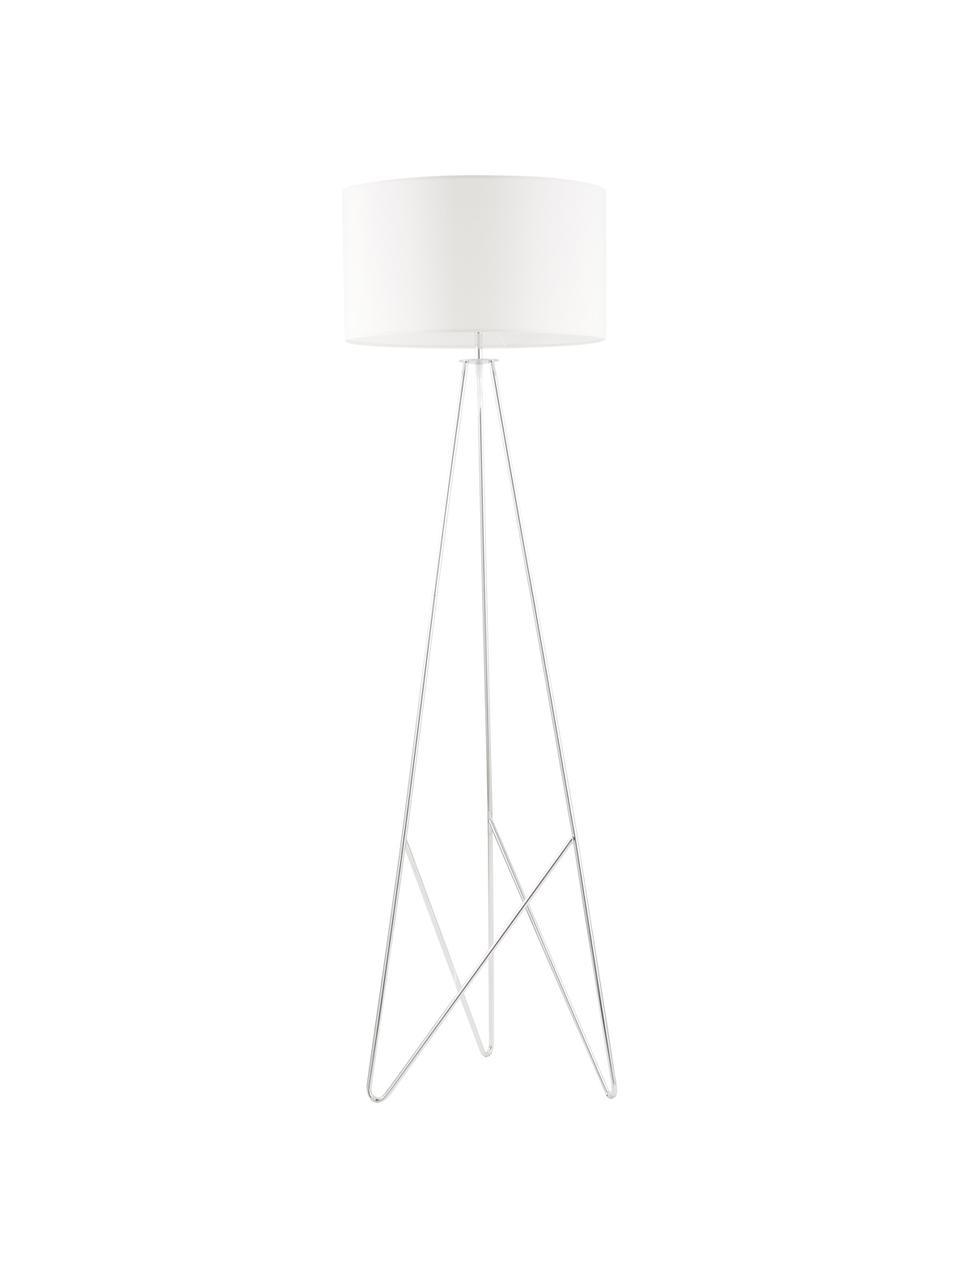 Stehlampe Jessica mit Silber-Dekor, Lampenschirm: Textil, Lampenfuß: Metall, verchromt, Weiß, Chrom, Ø 45 x H 155 cm